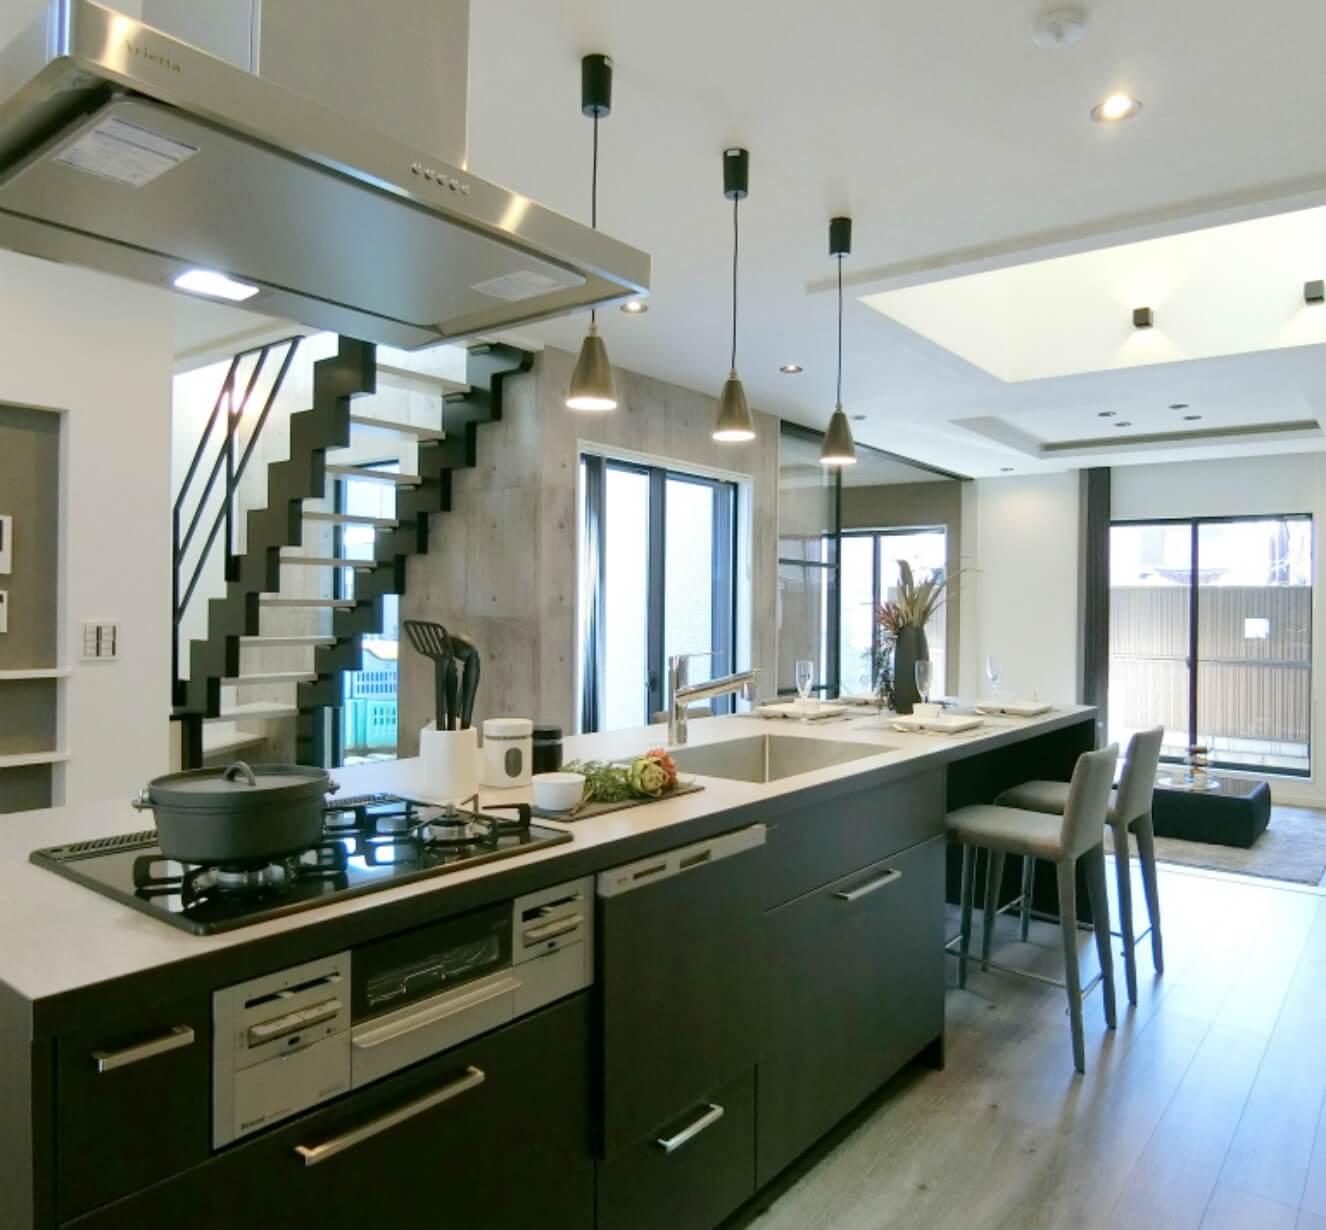 01充実の住宅機能人気の住宅機能・設備を標準仕様に